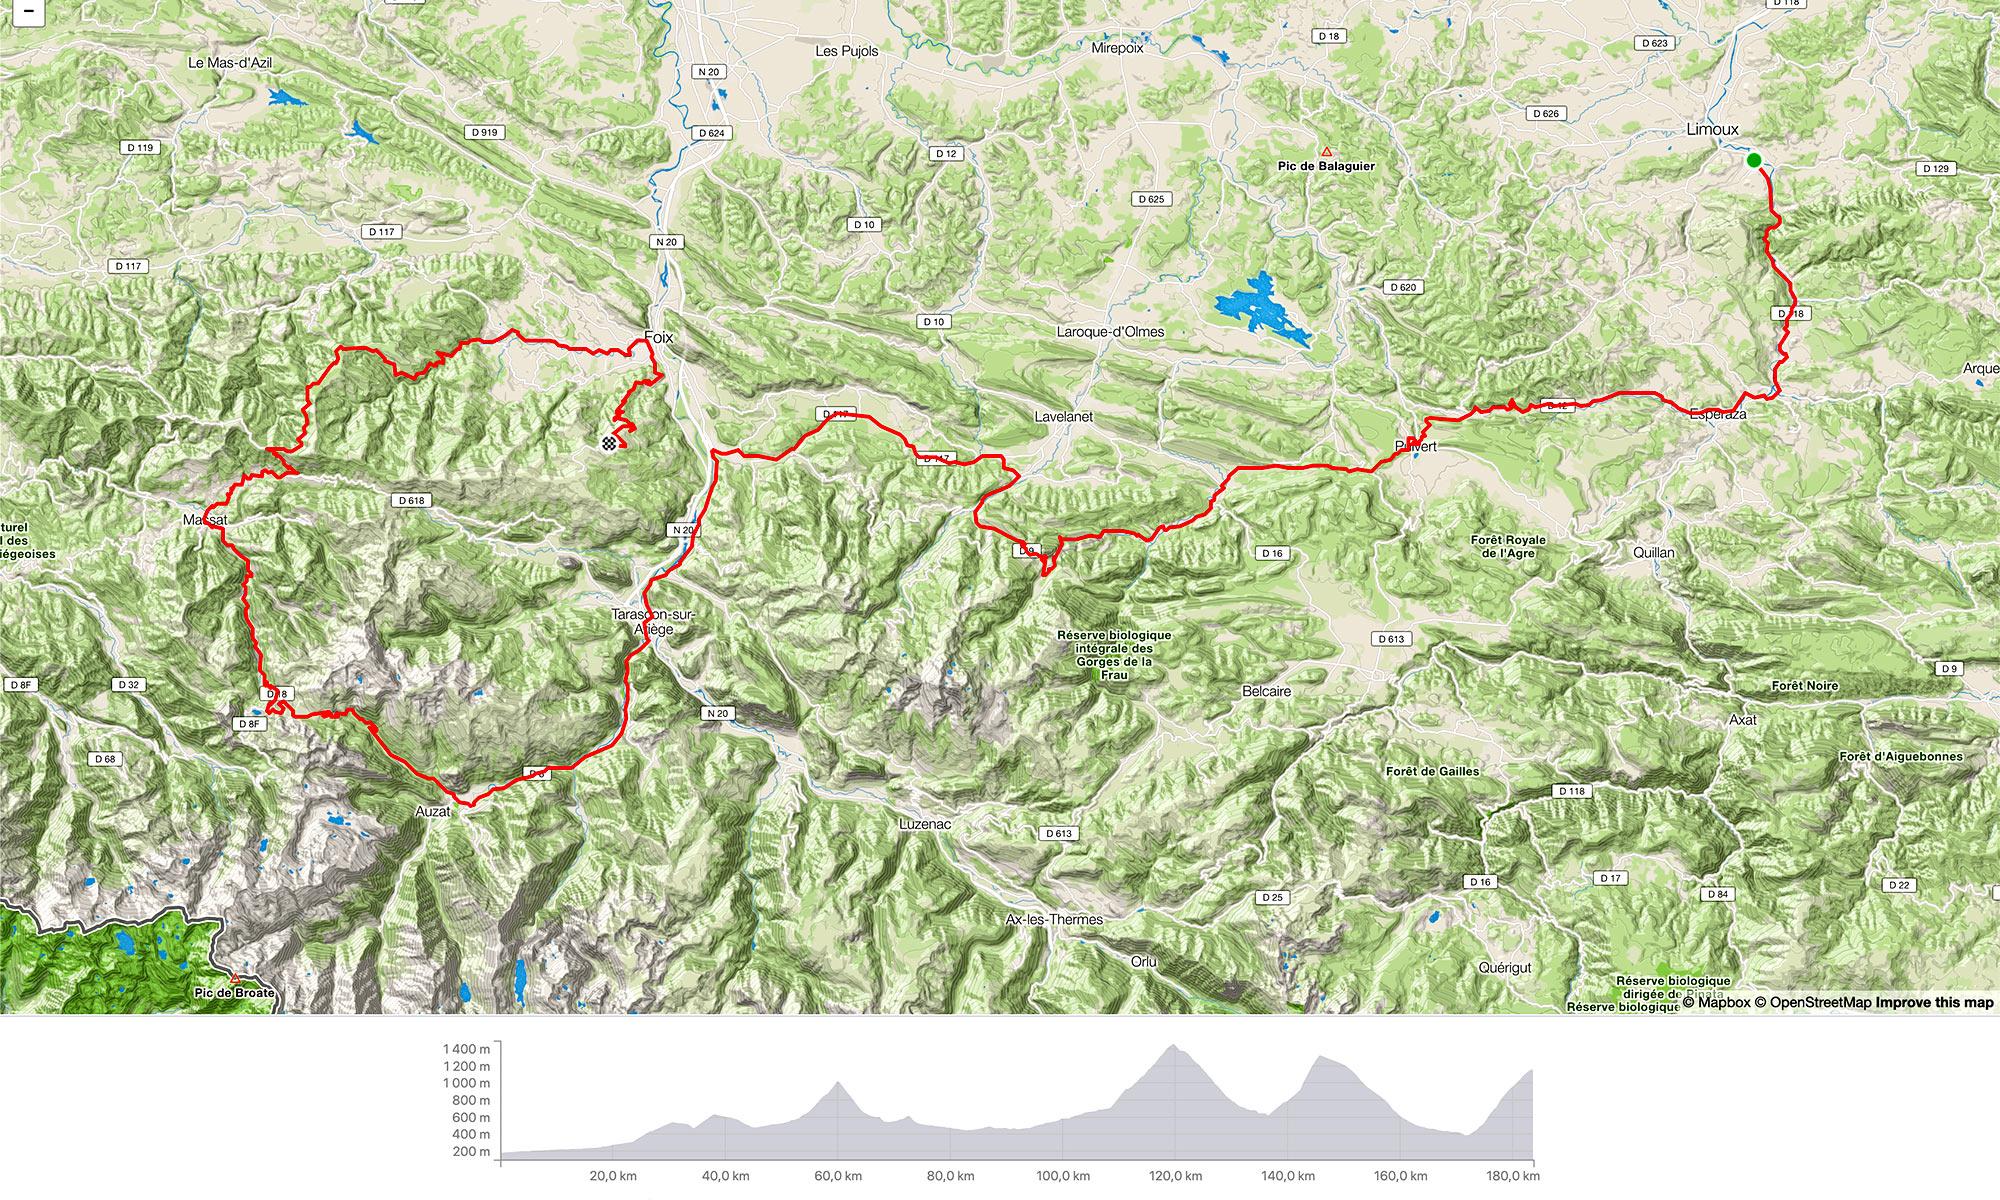 Parcours strava de Pinot sur l'étape du Tourmalet